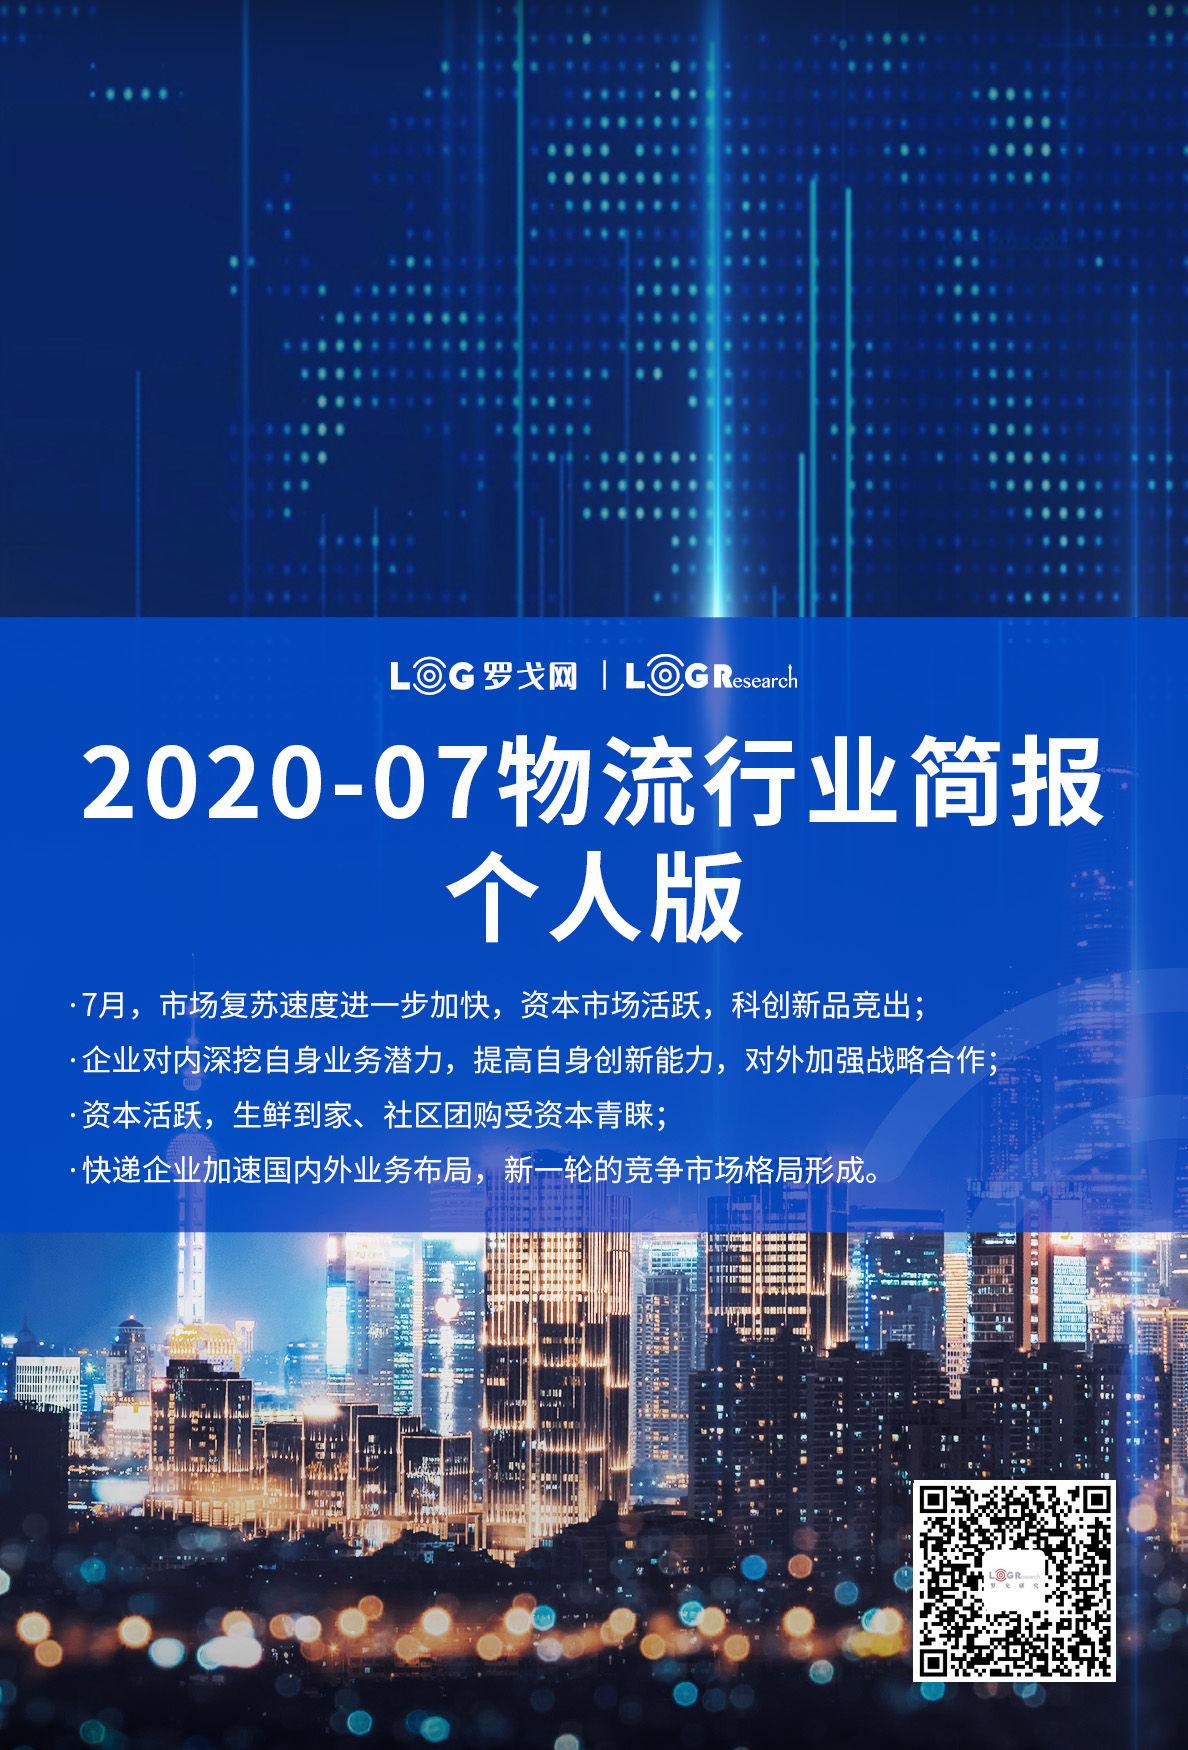 2020-07物流行業簡報-個人版